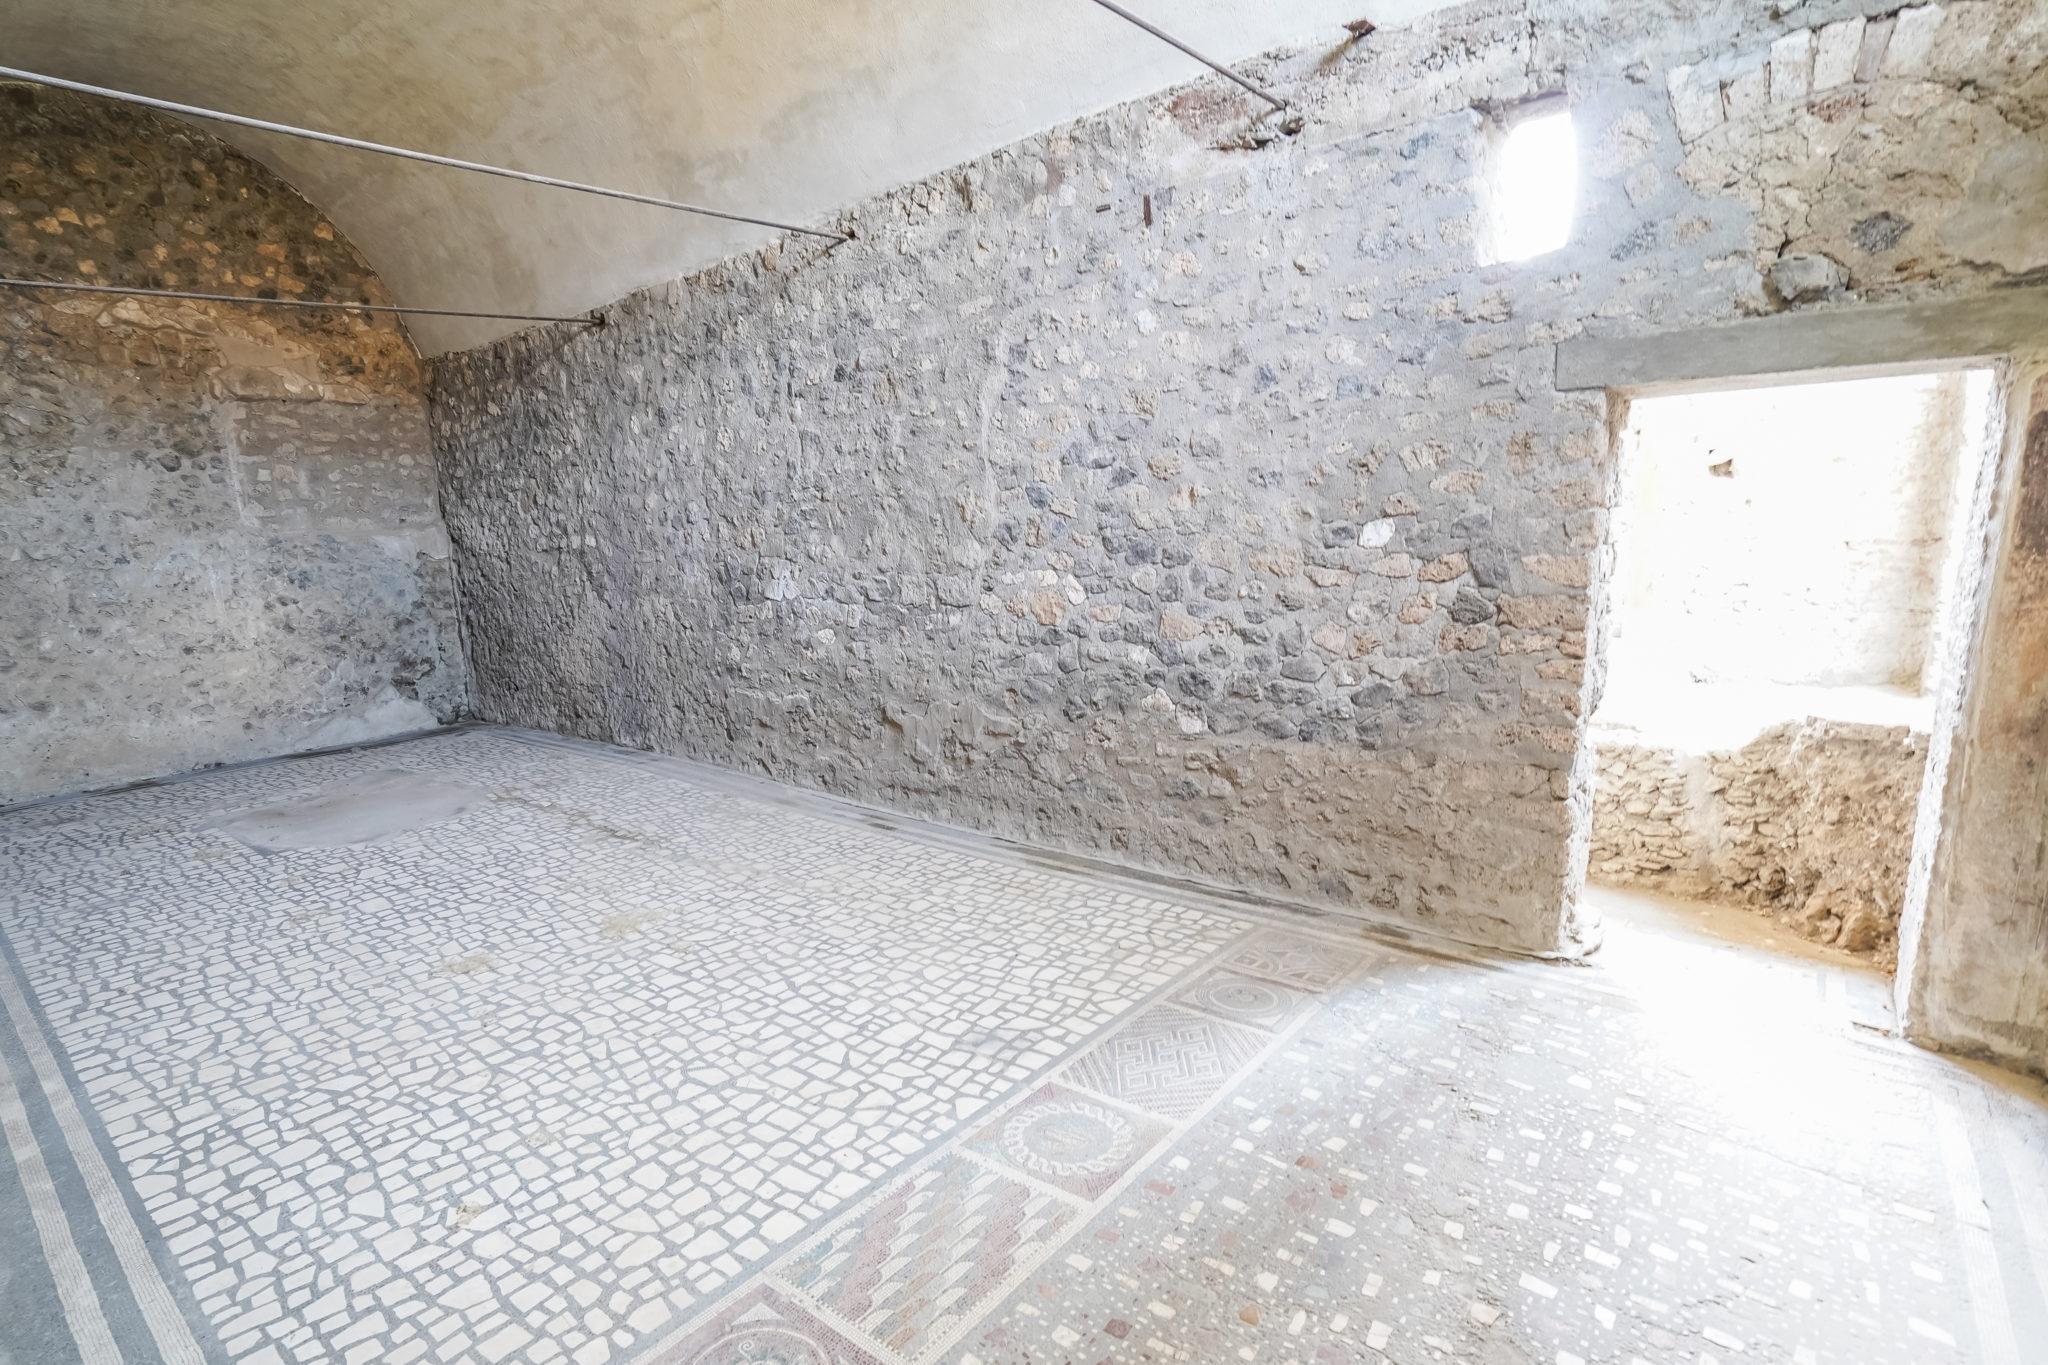 Visite-pompei-comment-maison-décoration-mozaique